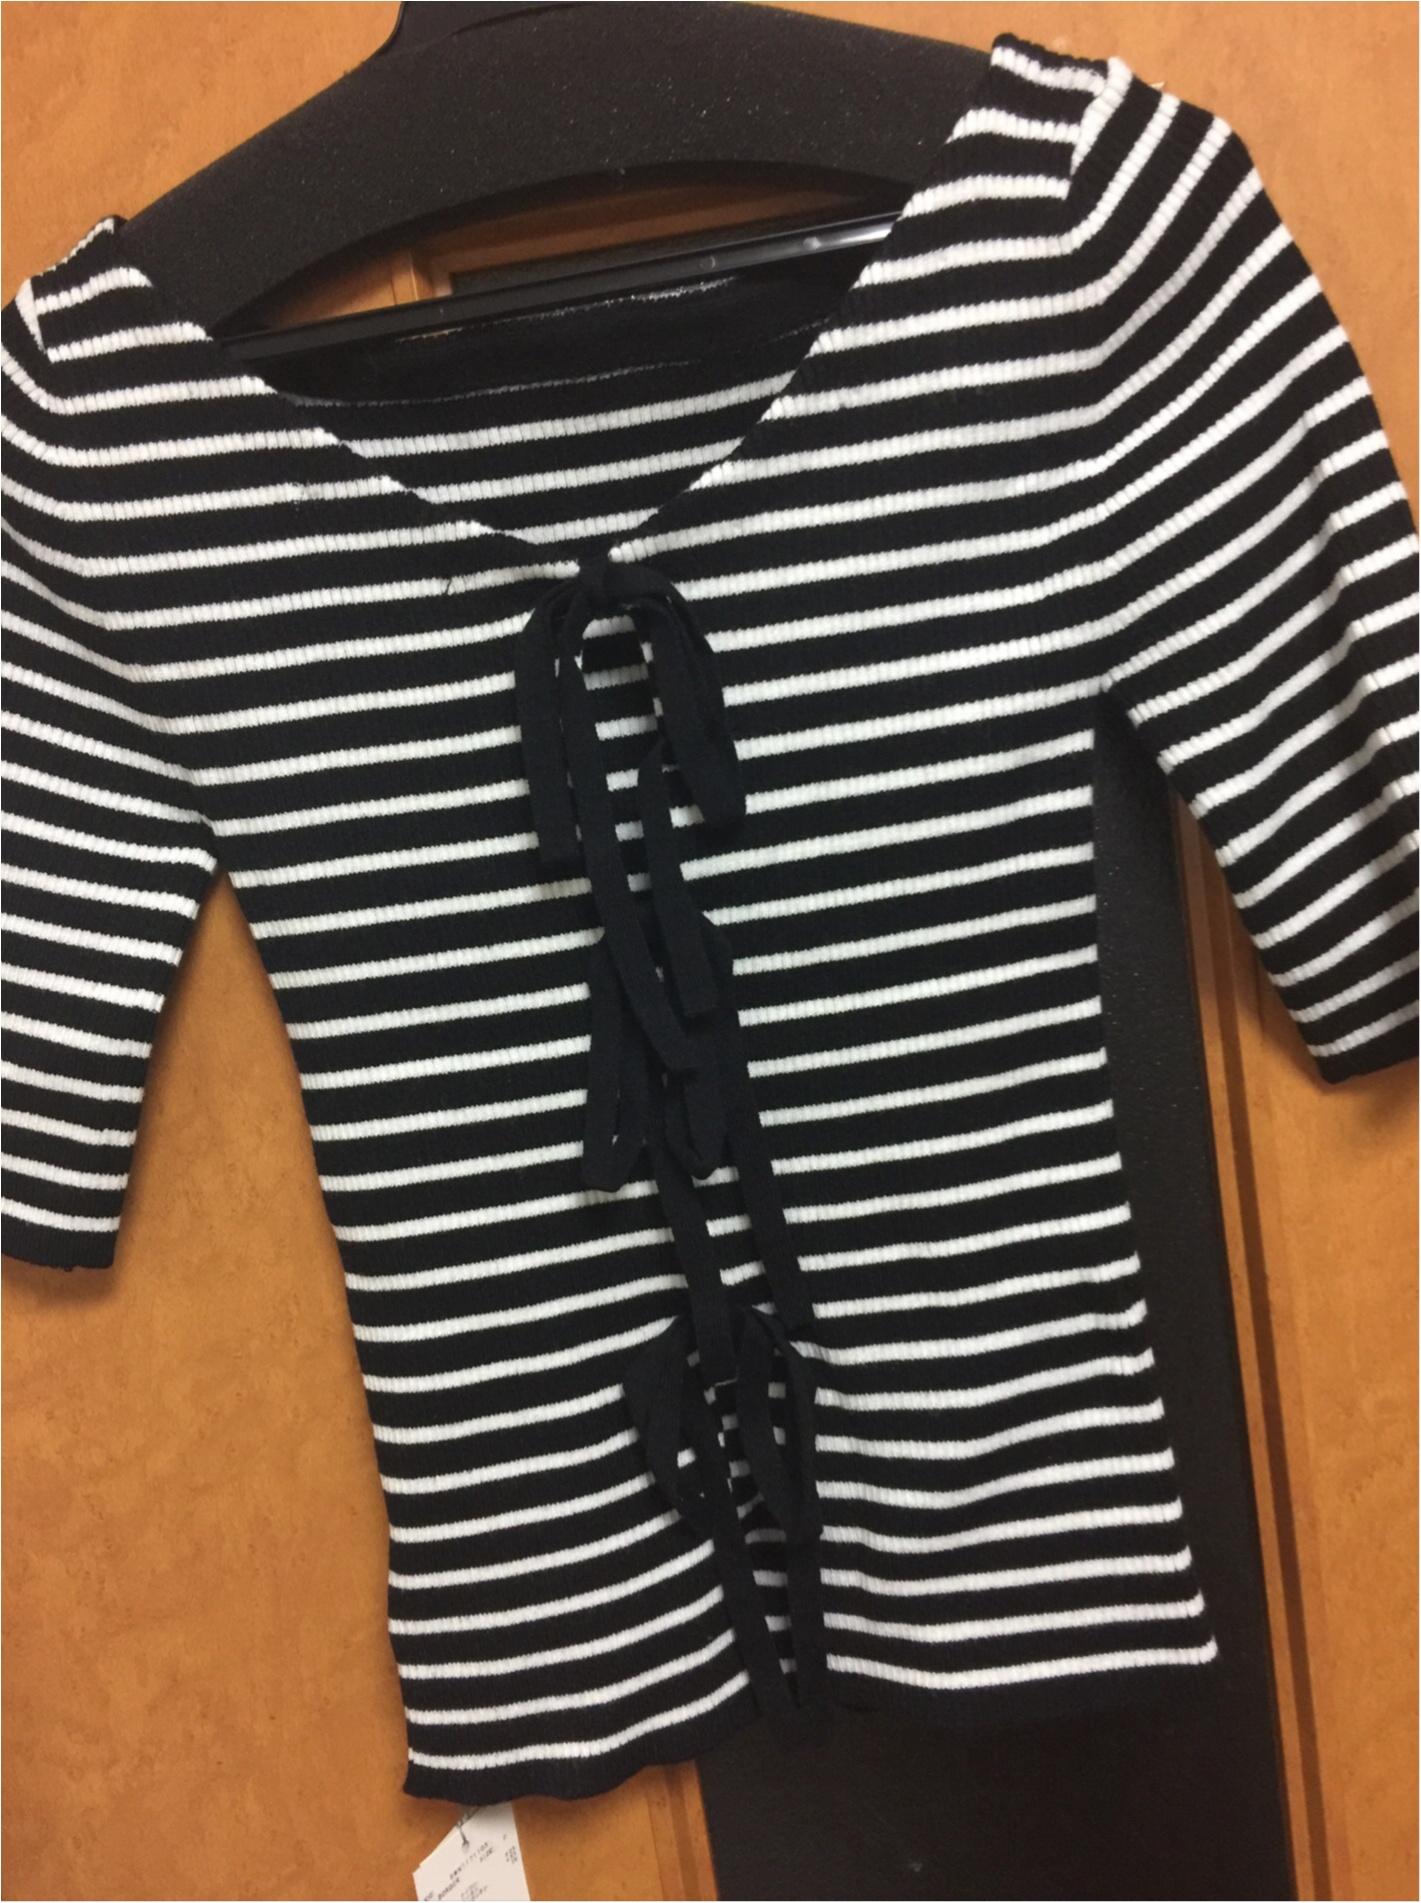 春の展示会でorderしたsnidelの新作お洋服が届きました♡今年はのトレンドの◯◯もばっちりおさえてます✌︎_2